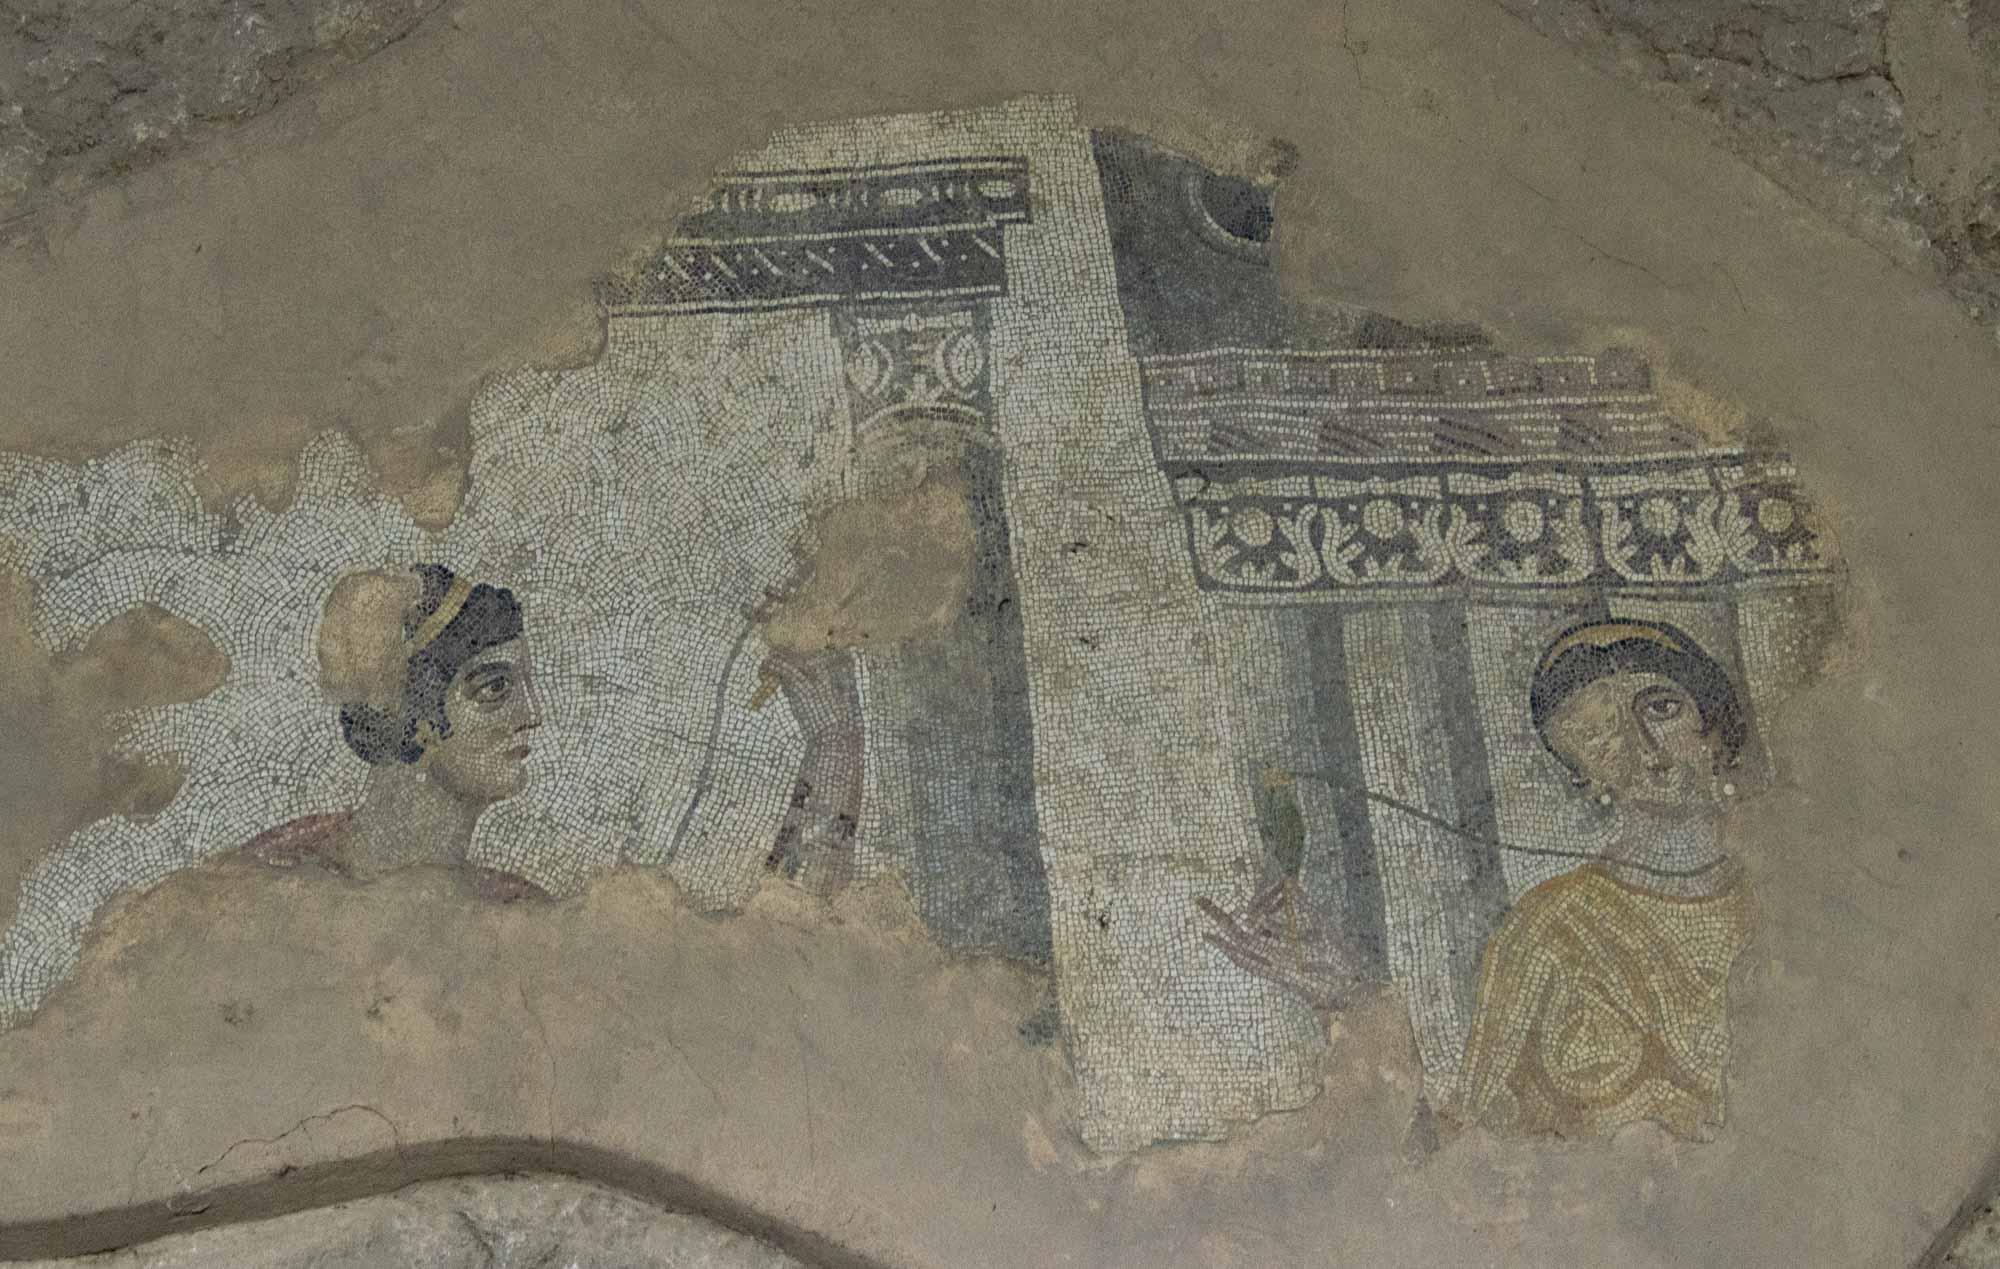 Фотография из музея мозаики в Шанлыурфе